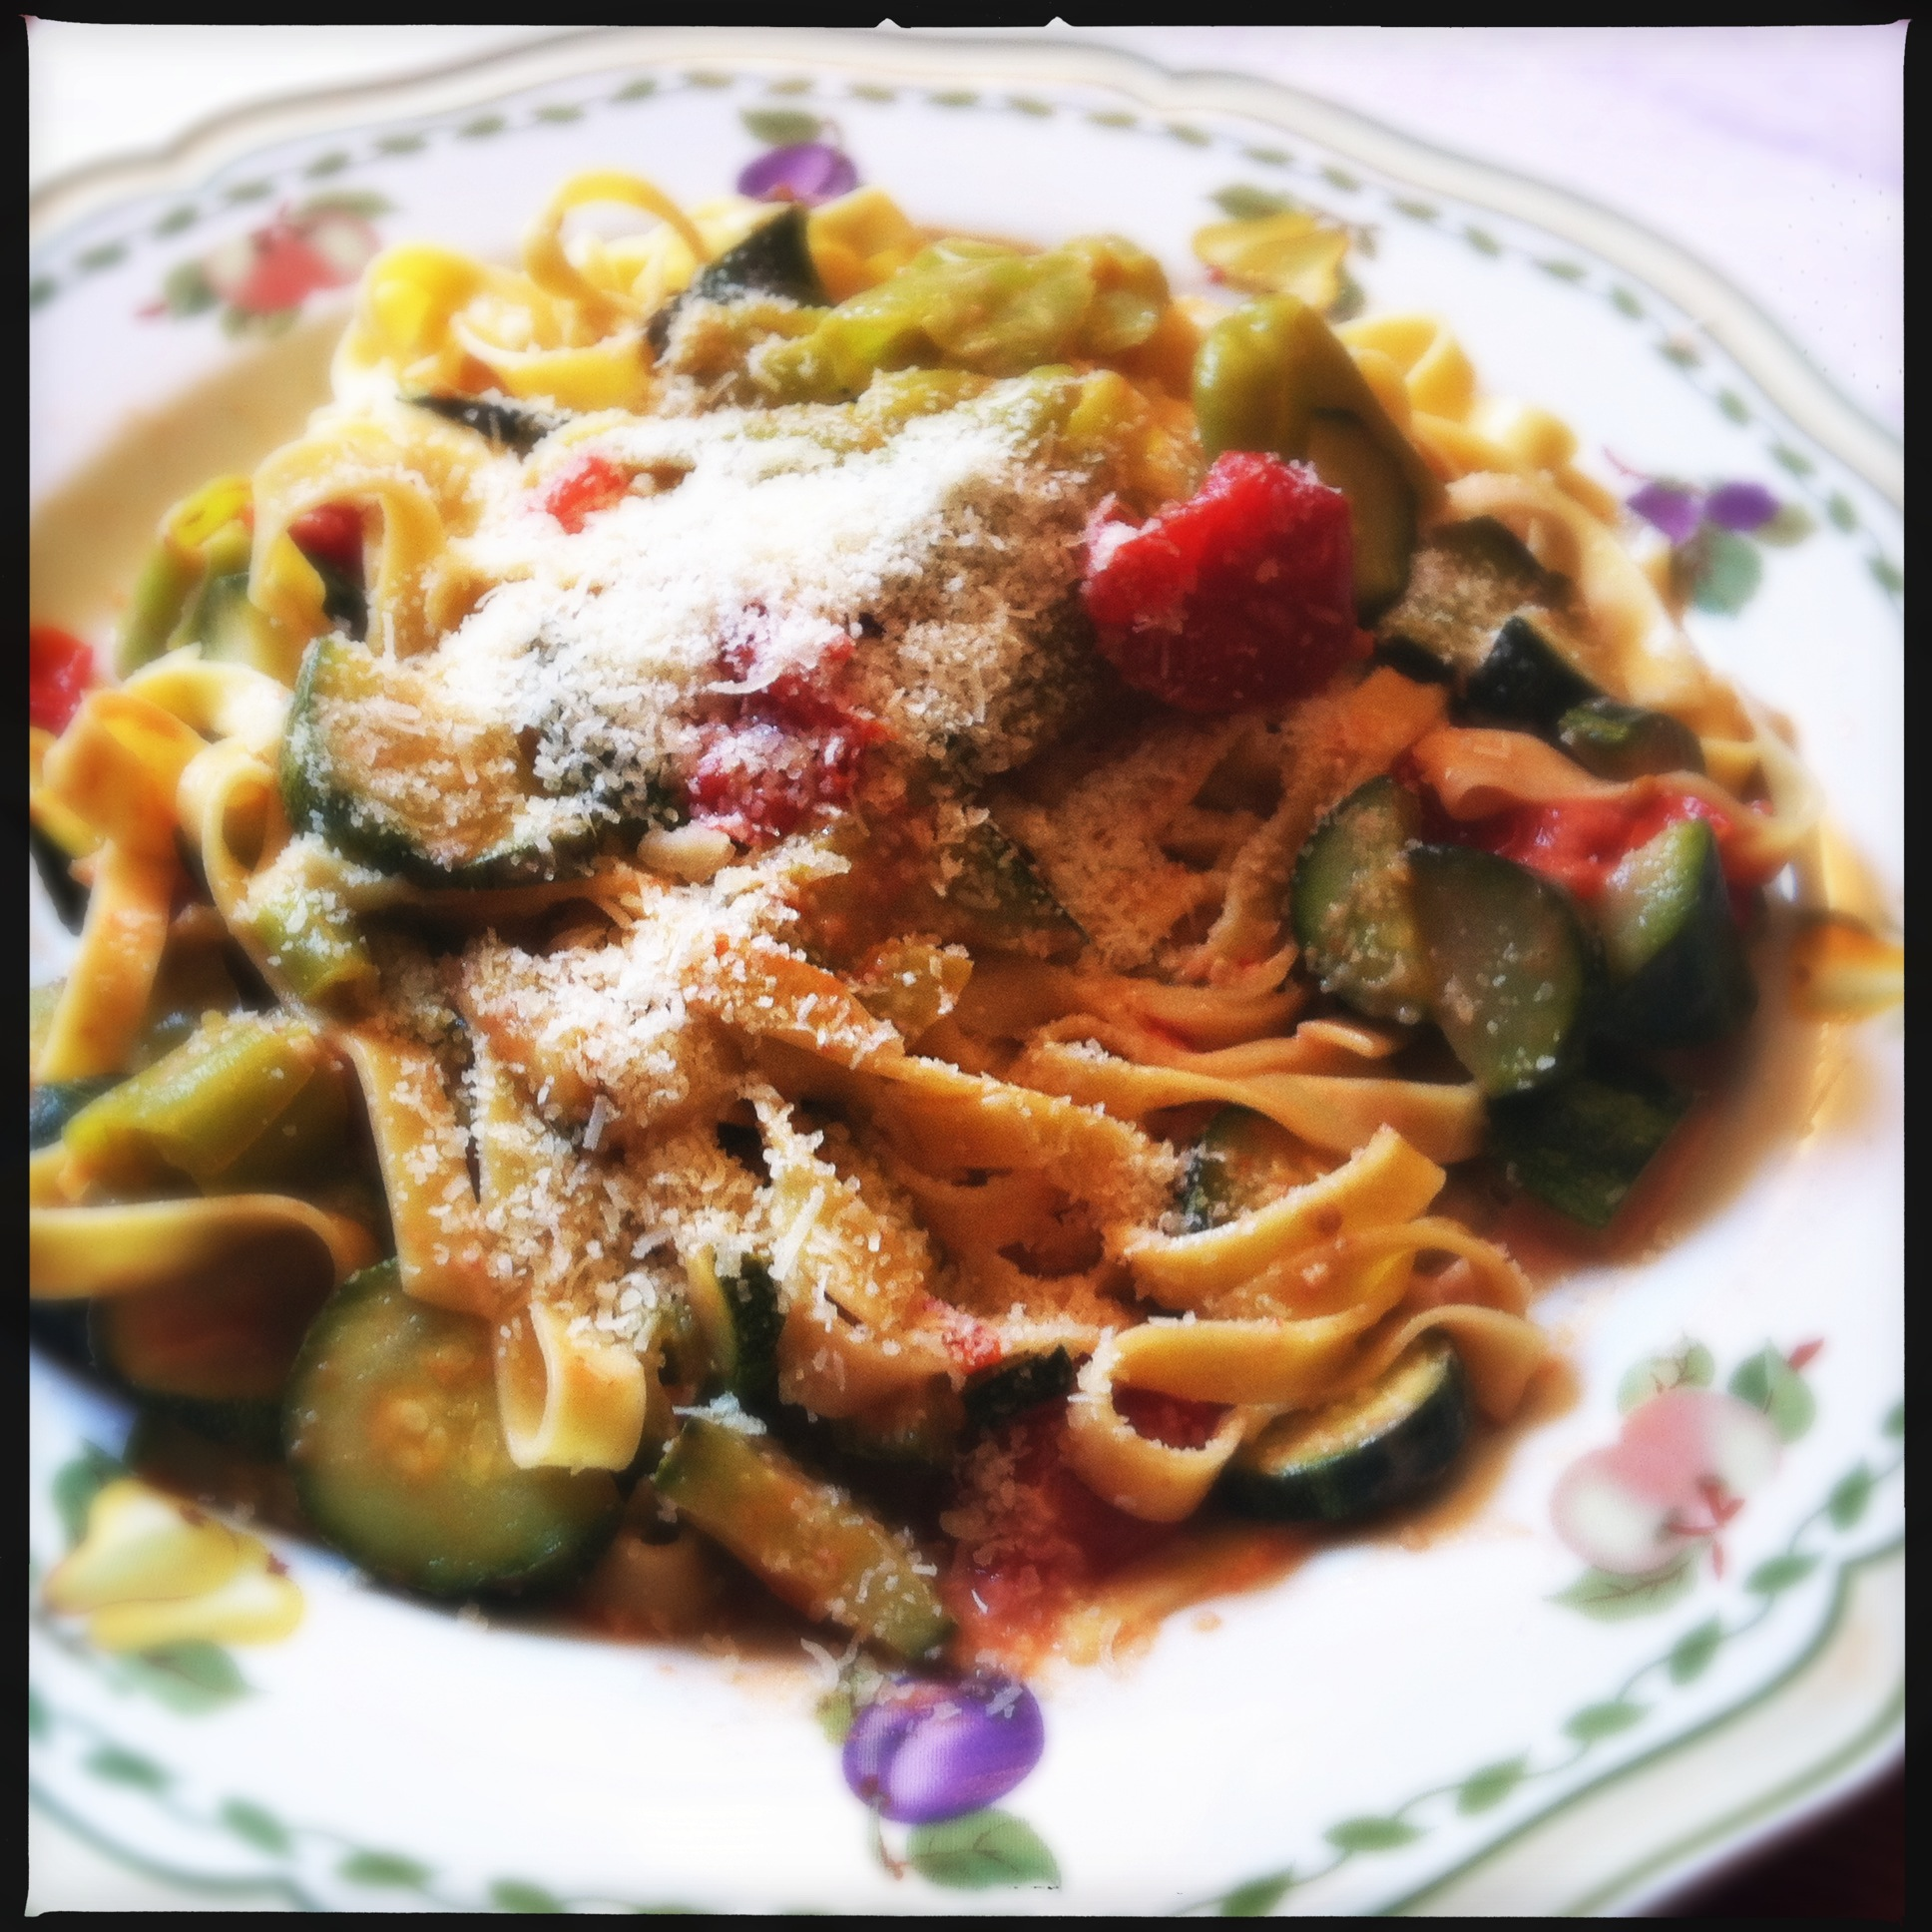 Lasagnette con zucchine pomodorini friggitelli e panna for Cucinare friggitelli